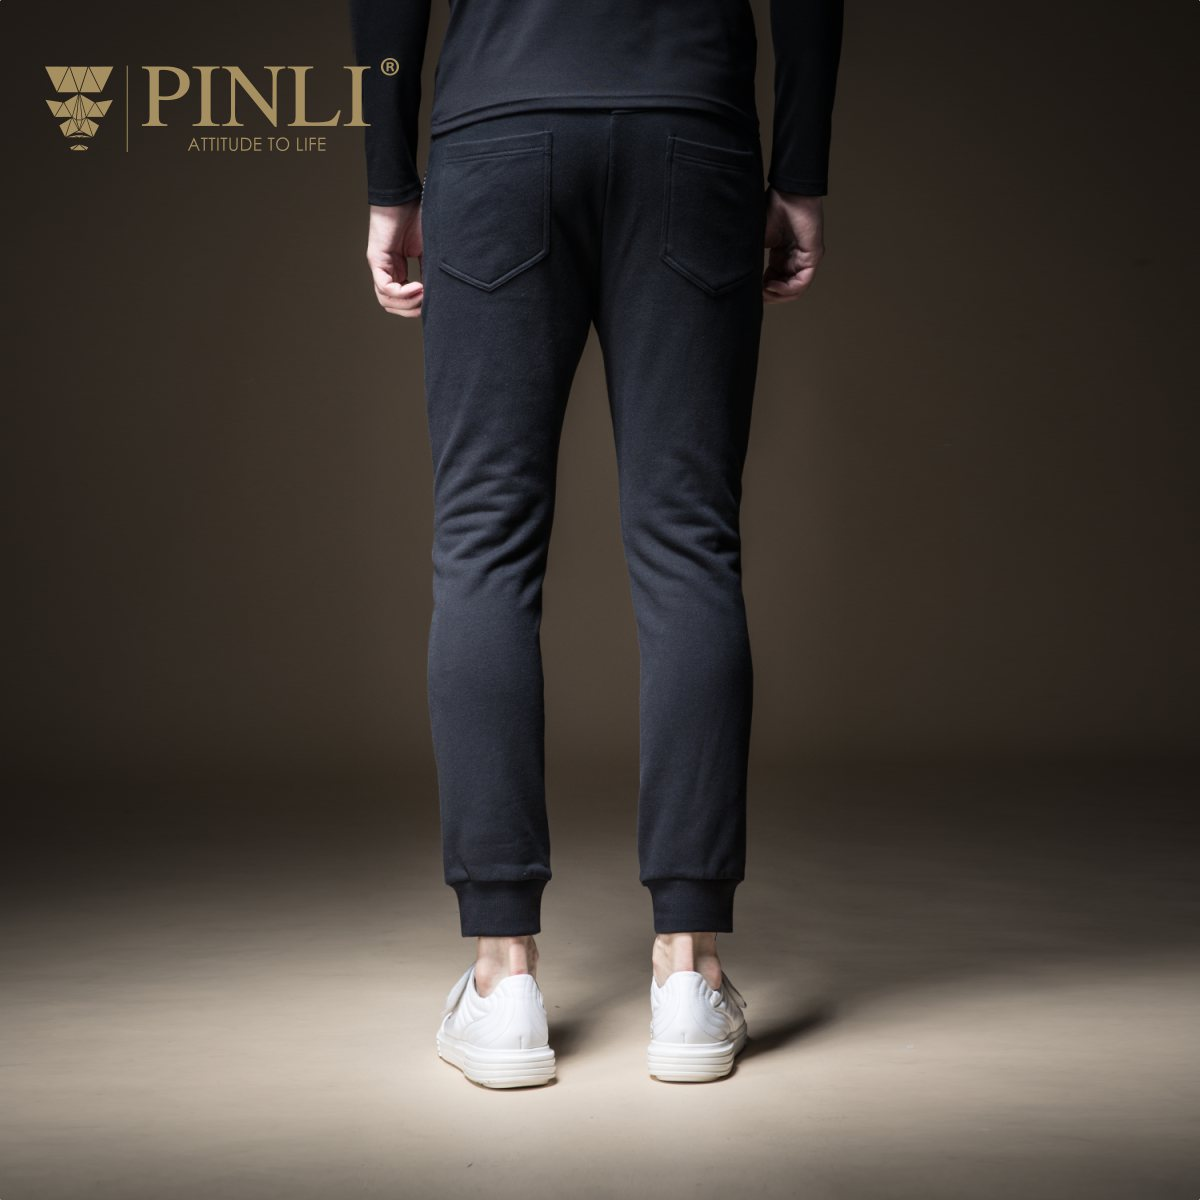 2019 jogginghose Pinli Produkt Hergestellt Männliche Kleidung Fußabdrücke Der Neue Fonds Von Herbst Blume Fuß Männer Freizeit Hosen B183317320